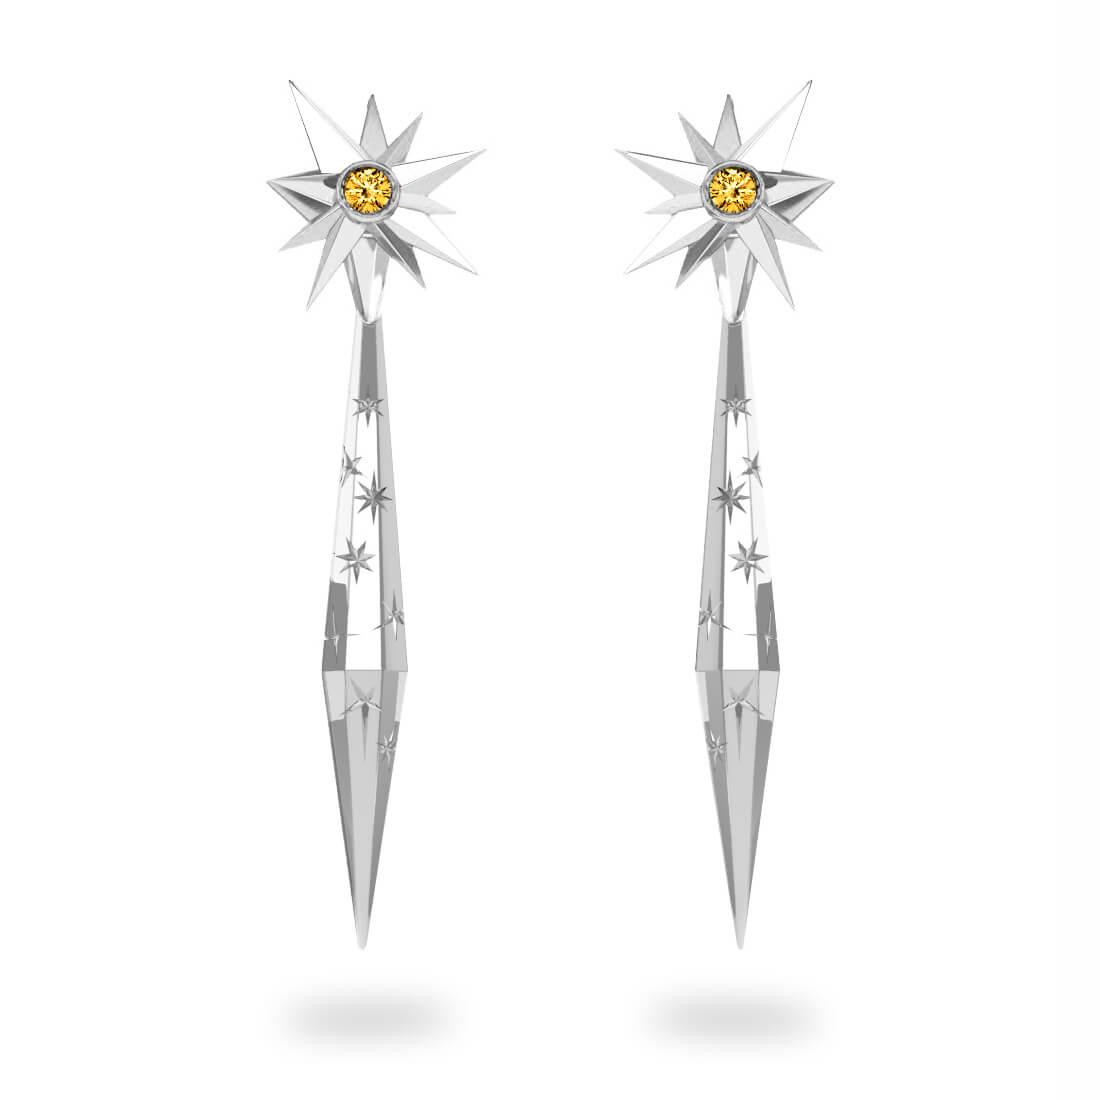 Boucles d'oreilles glaçon Sun - Citrine Trillion <br>Gravures polies étoiles<br/>  Or blanc 18 carats